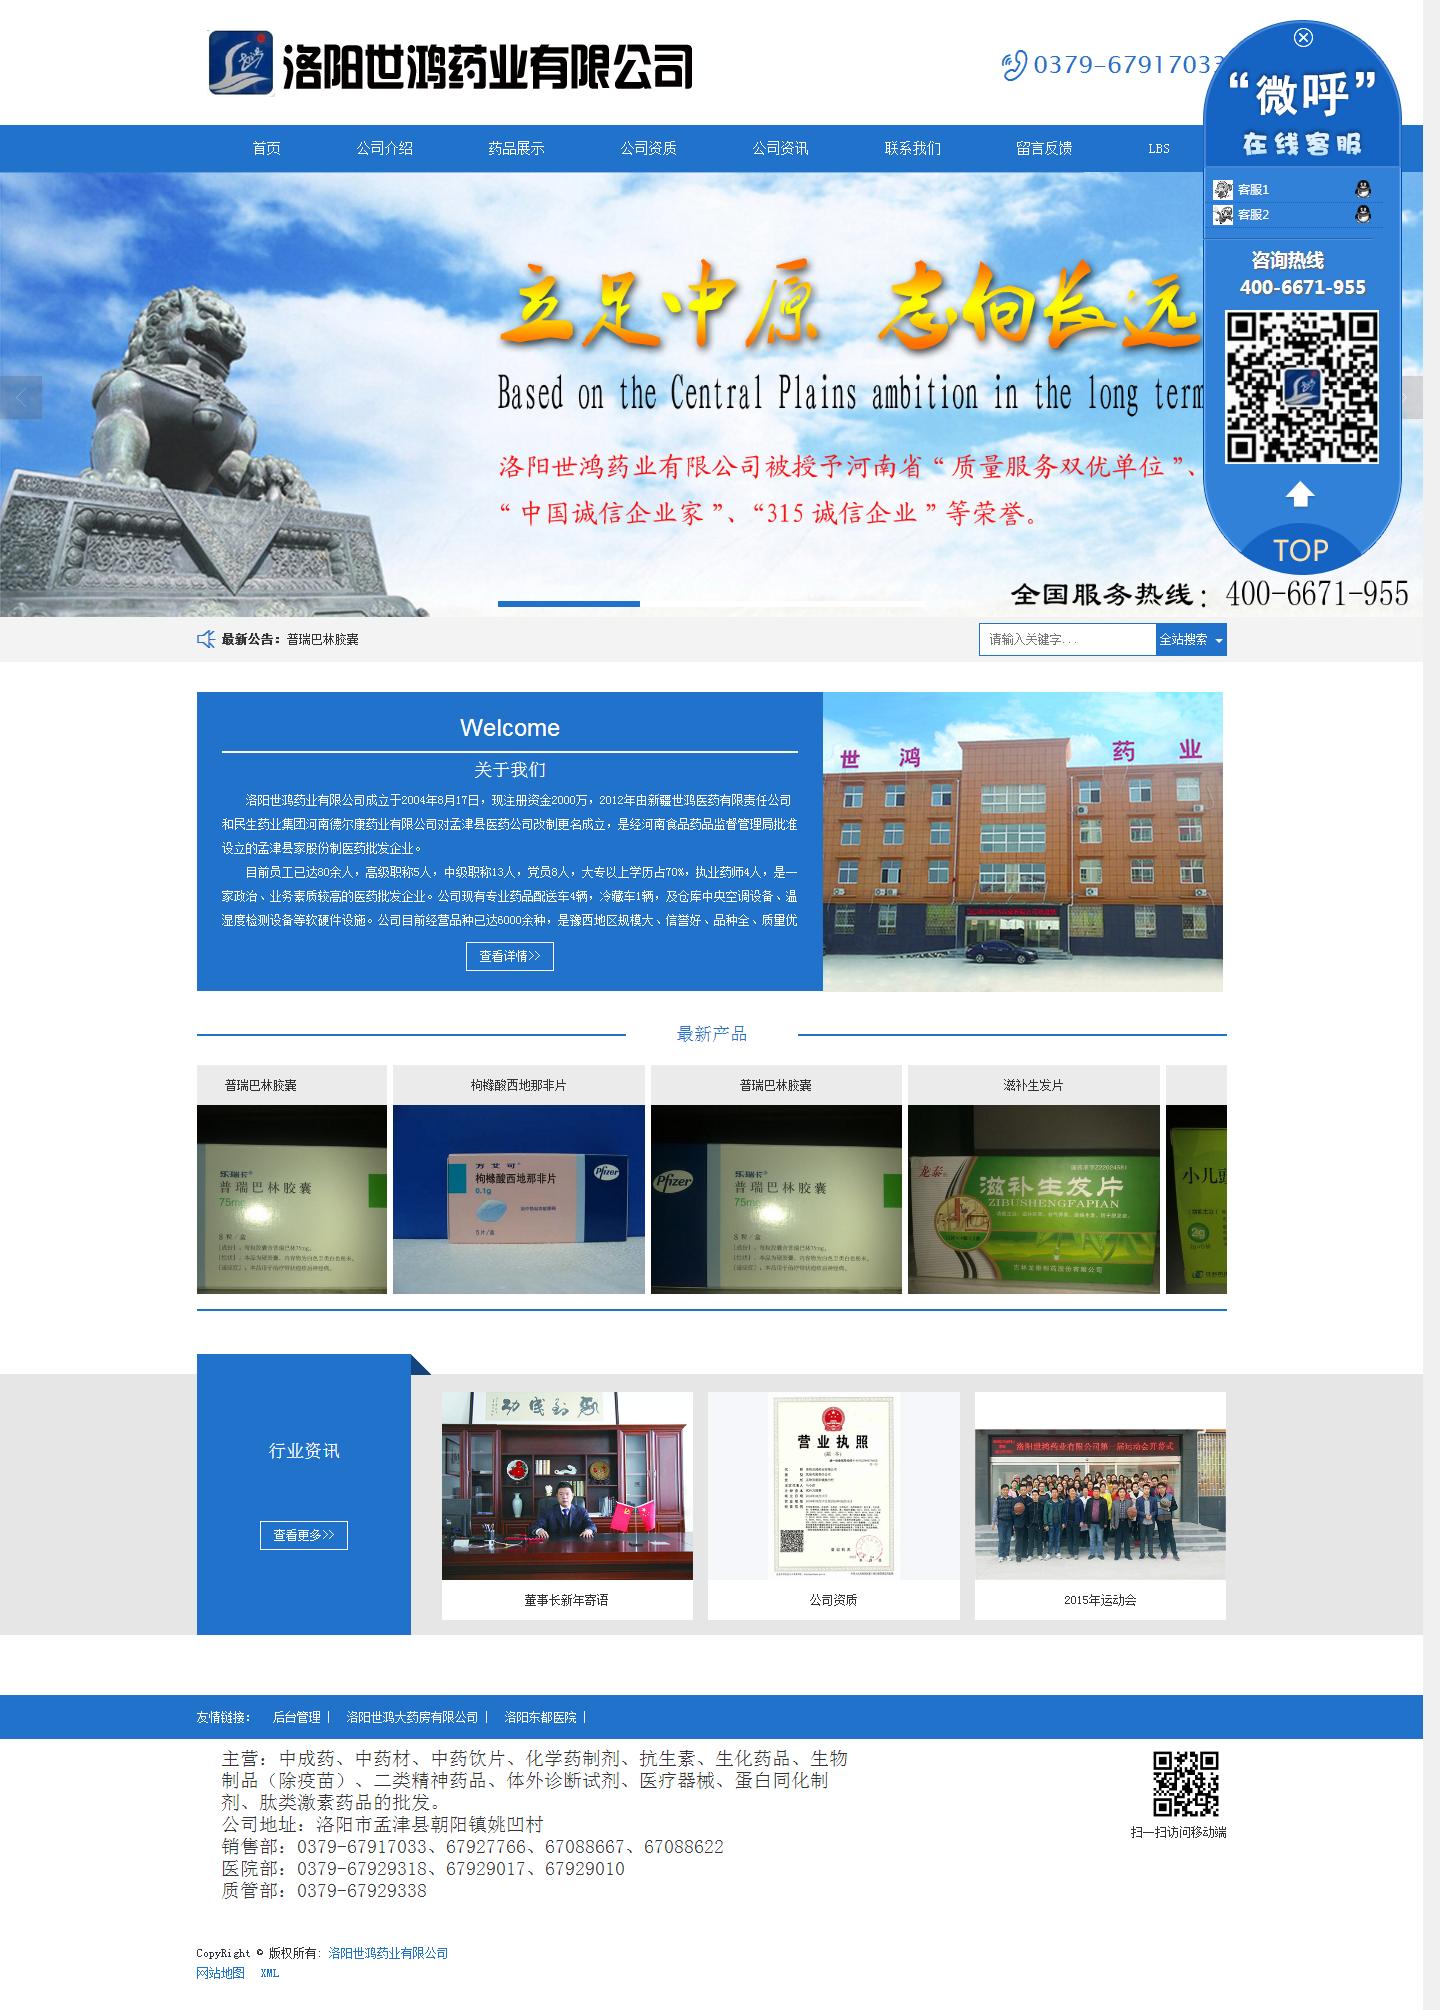 洛阳世鸿药业有限公司.png